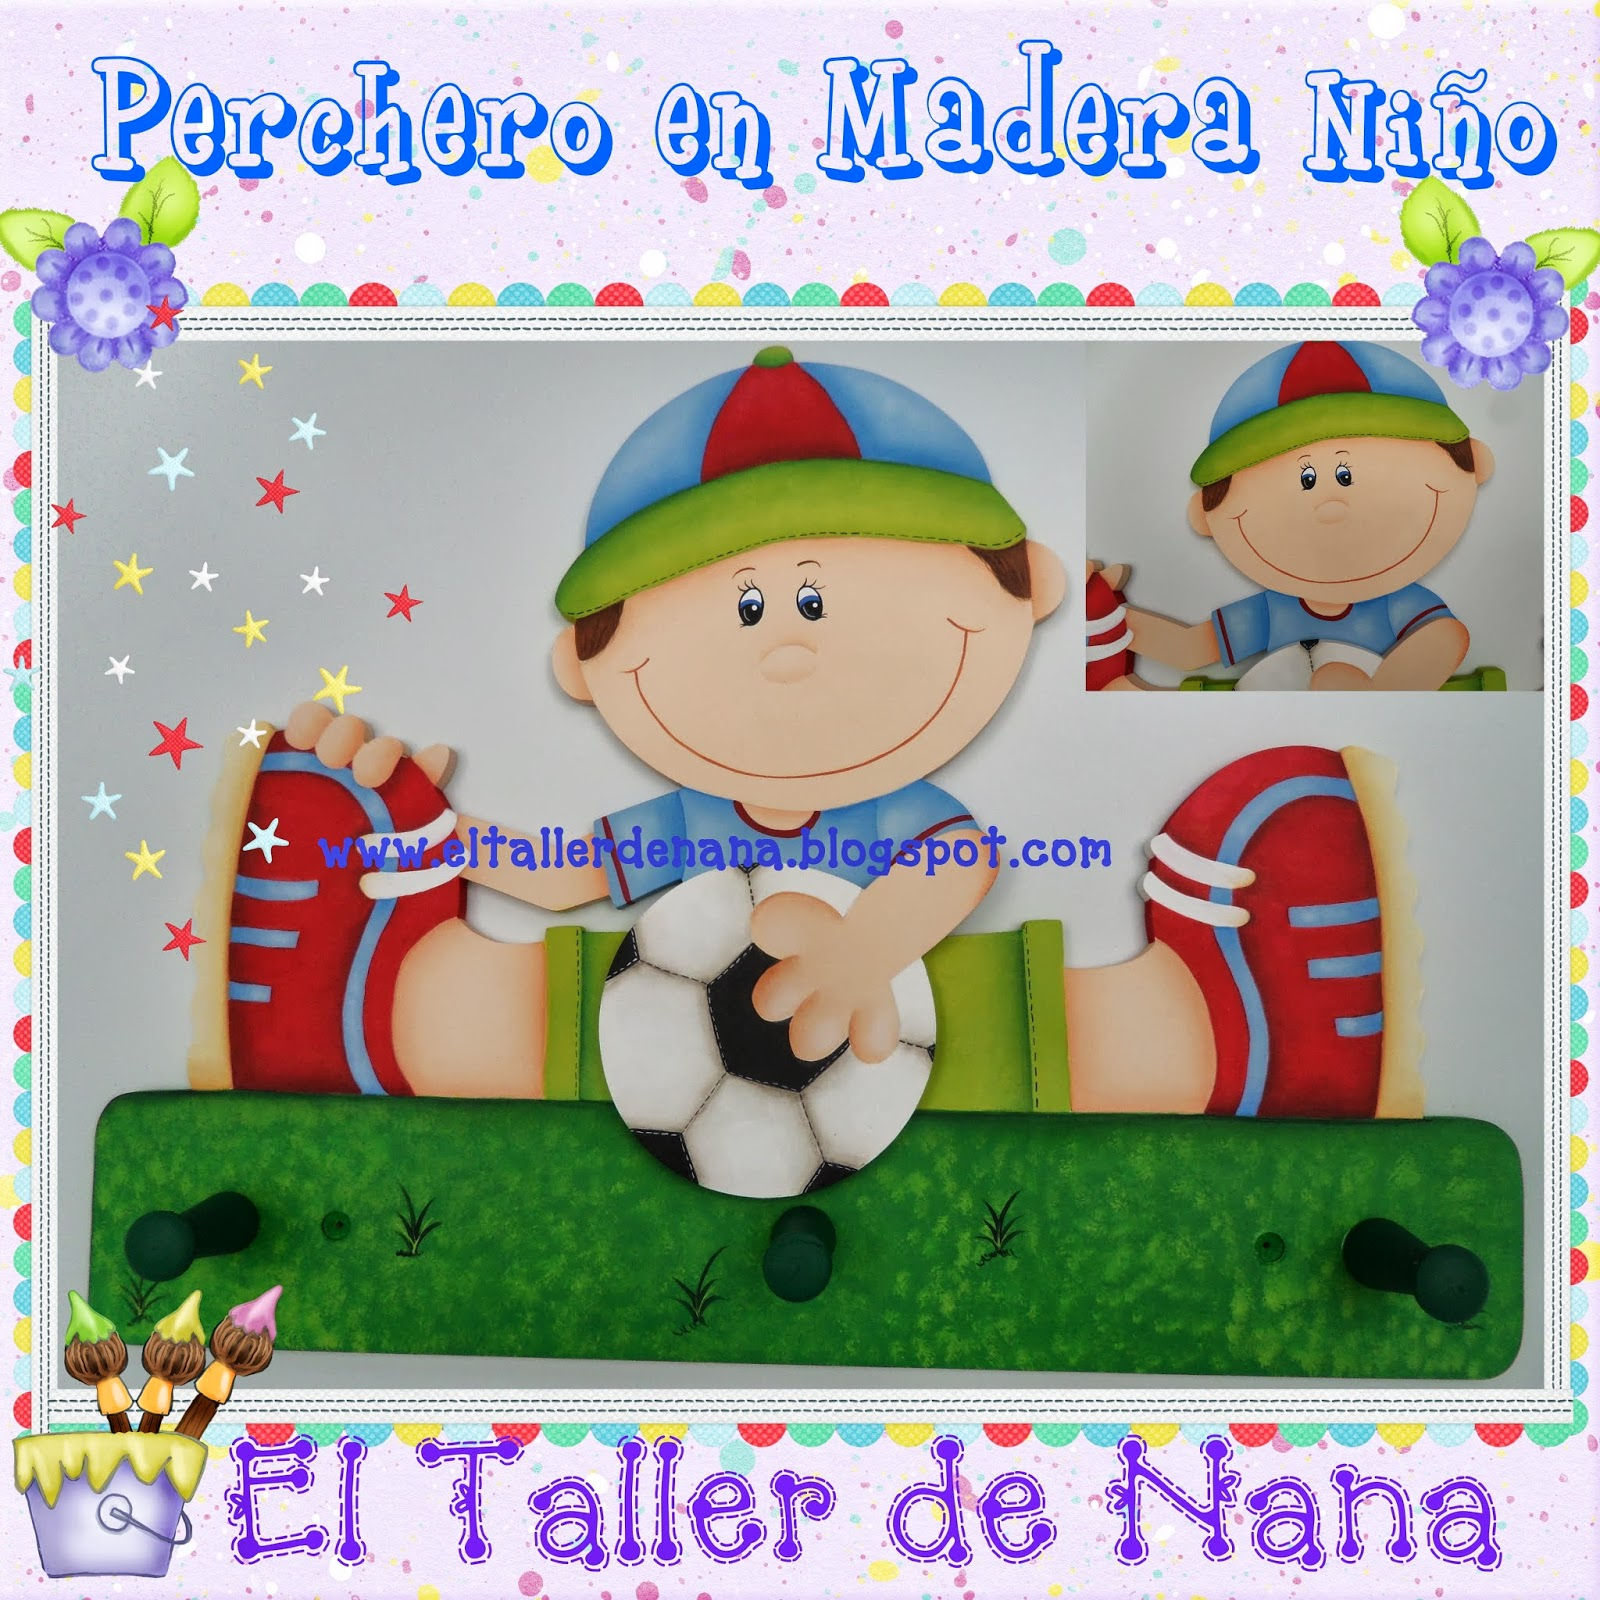 El Taller de Nana: Perchero Infantil en Madera para Niño